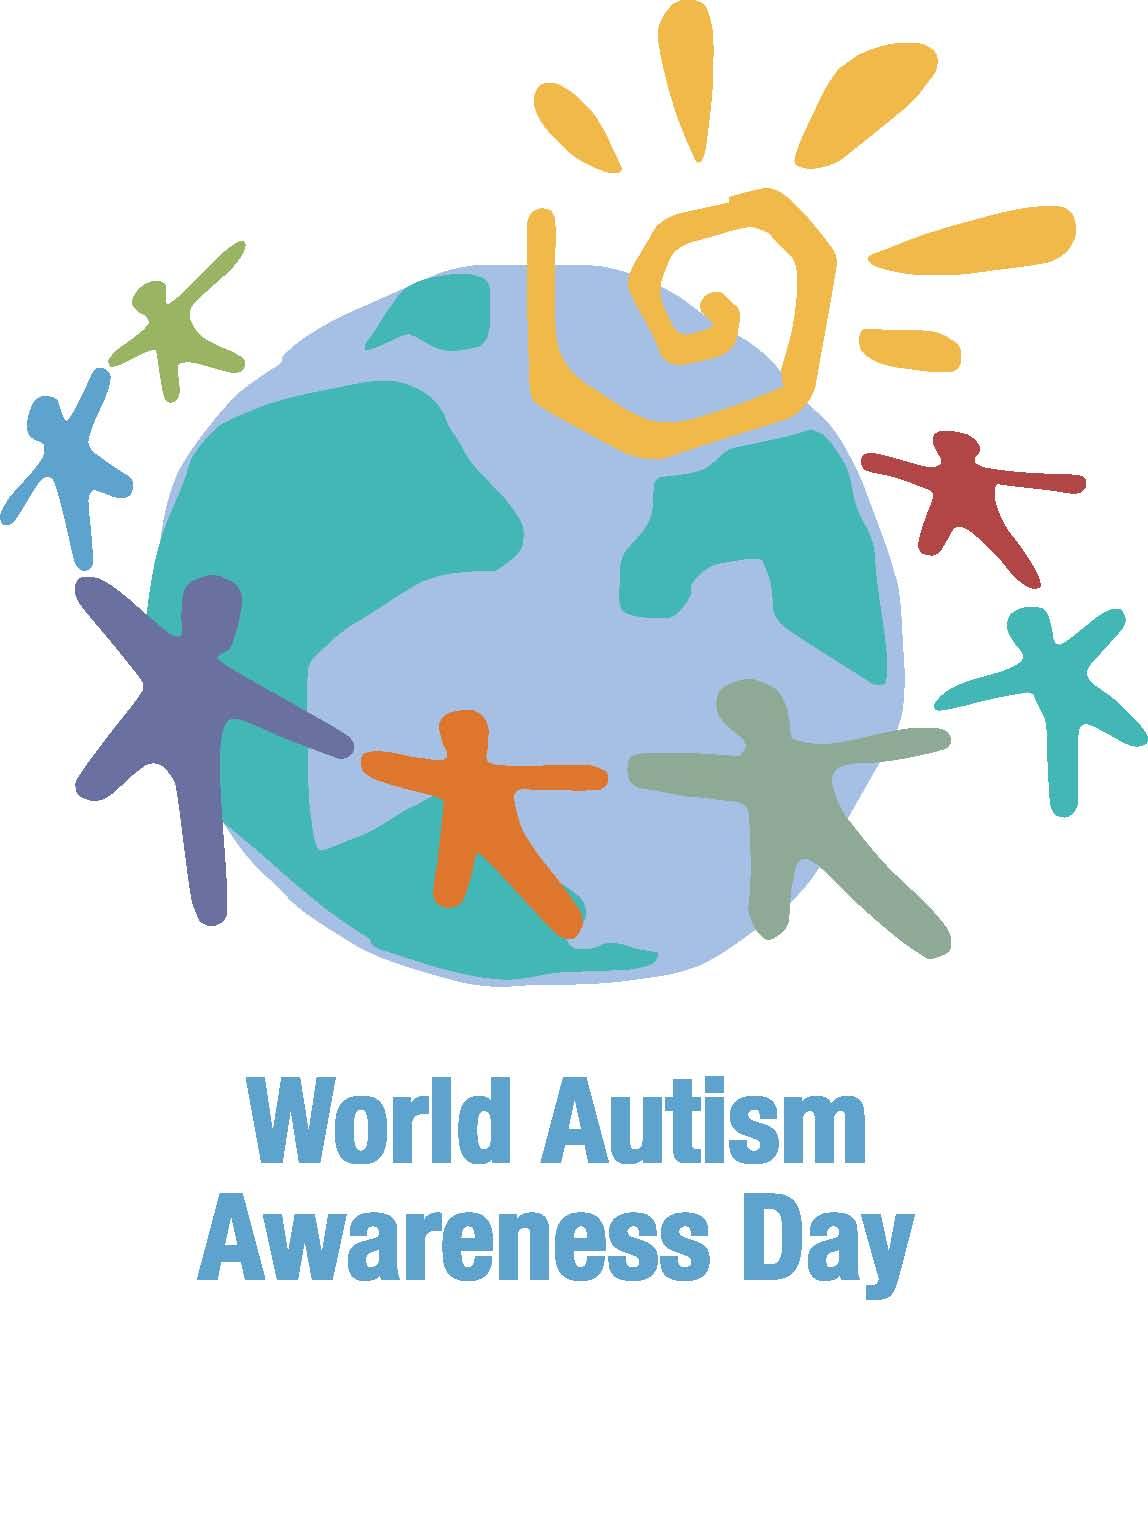 World Autism Awareness Day & Math